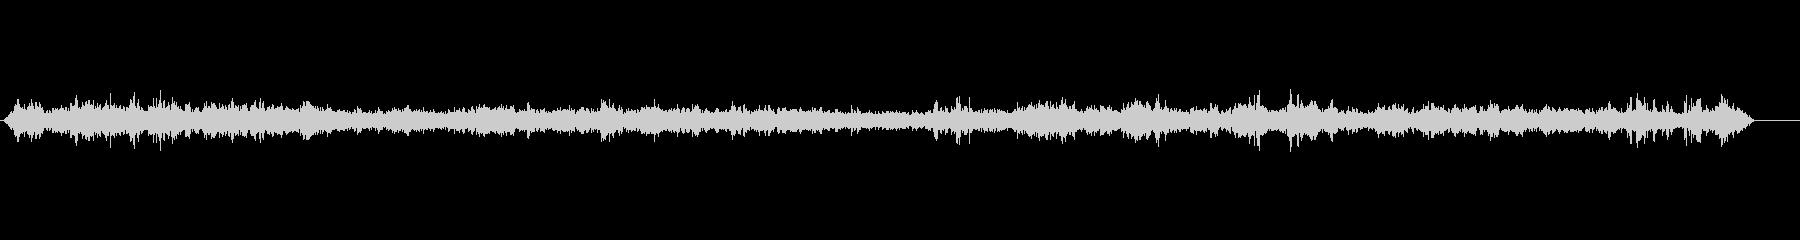 つぶやき声カフェアニマダの未再生の波形